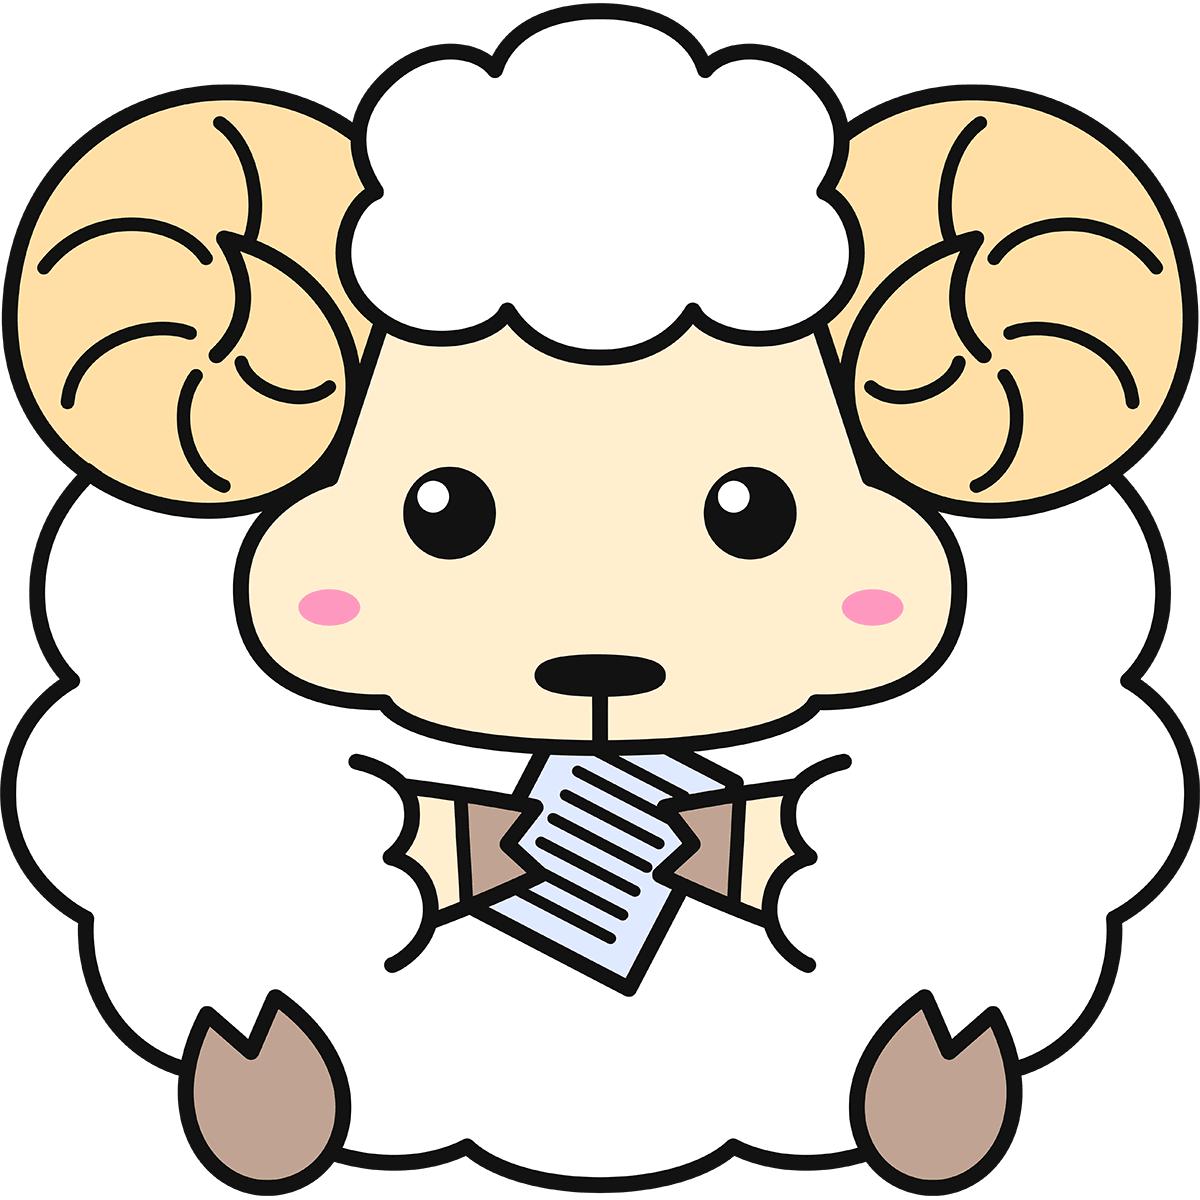 紙を食べる羊(メリノ)の無料イラスト